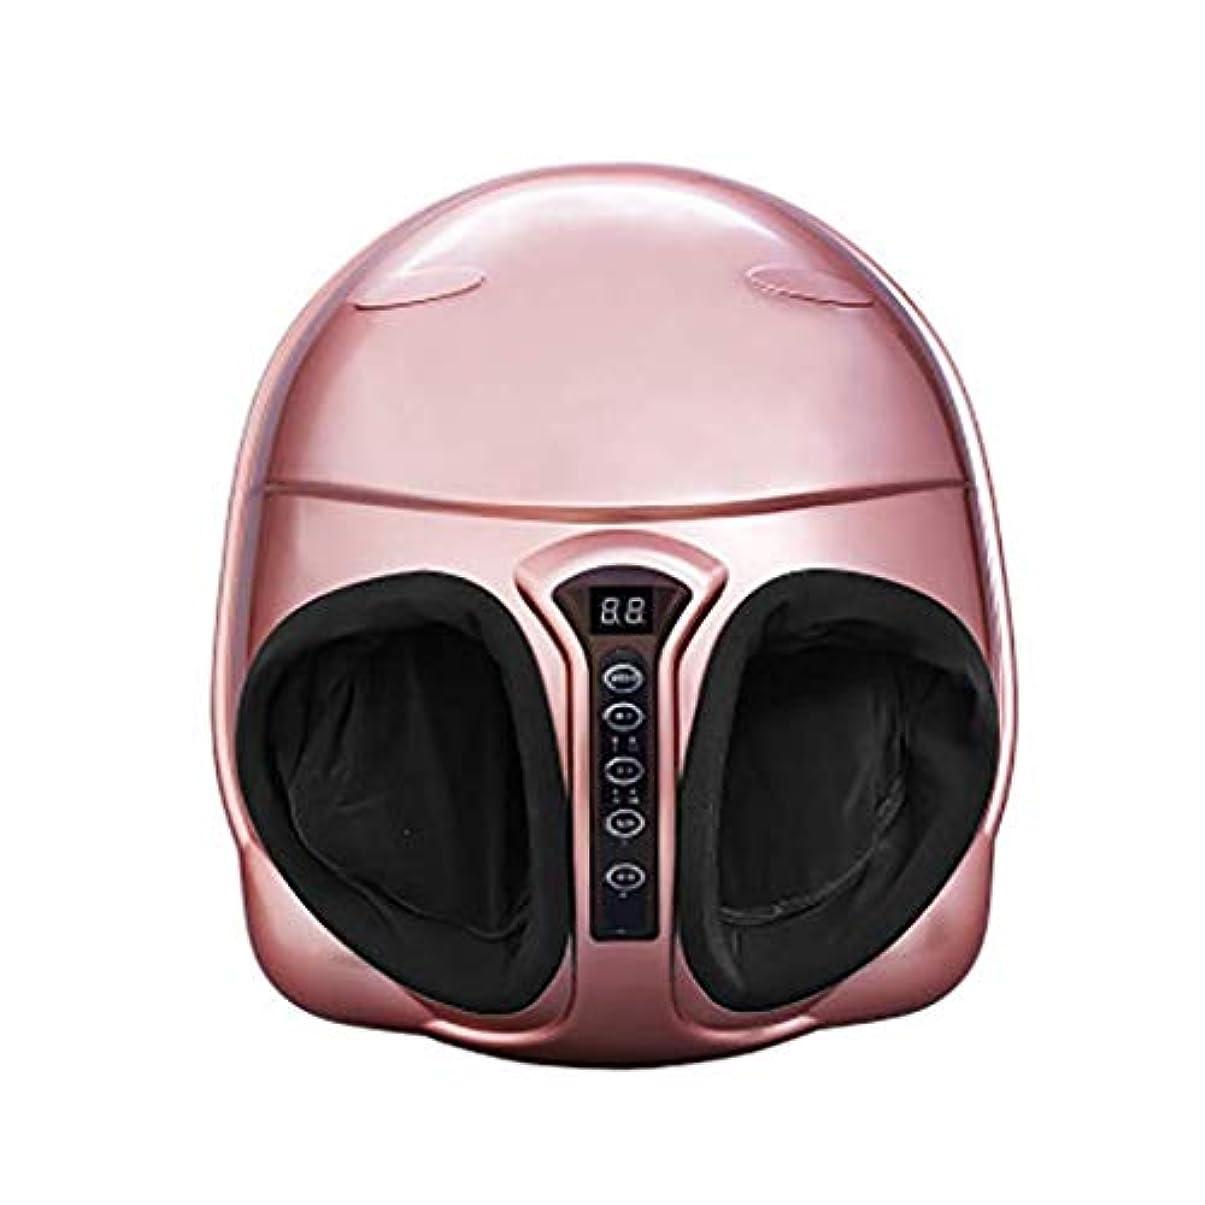 山岳パットルーフフットマッサージャー、電気フットマッサージャー、赤外線/暖房/混練/空気圧/リラクゼーションマッサージ機器、リモートコントロールは、時間指定が可能 (Color : ピンク, Size : Noremotecontrol)